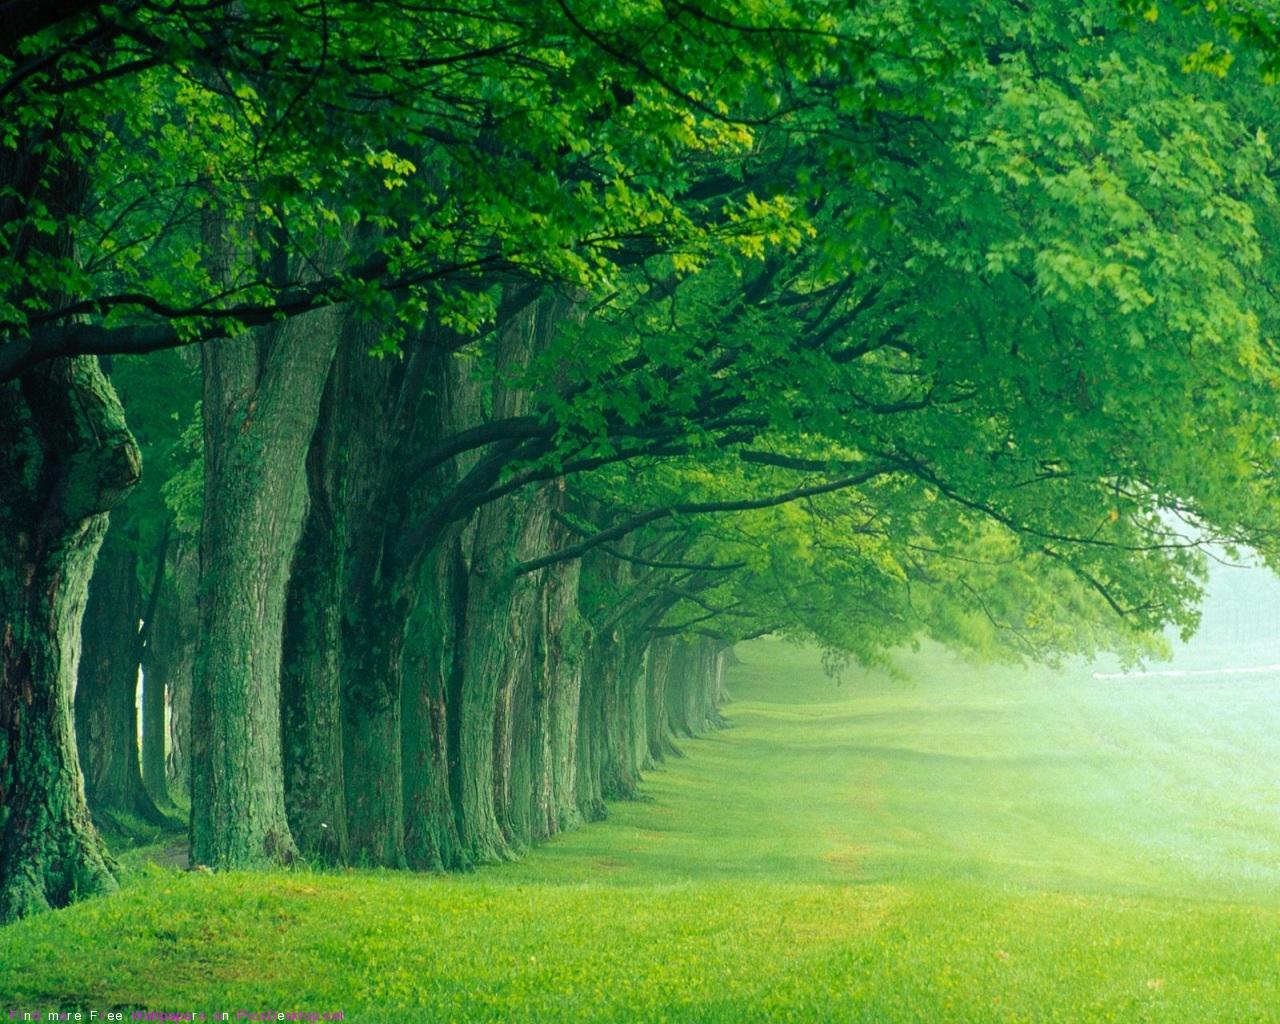 зеленоватая дымка в лесу, лес, скачать фото, деревья